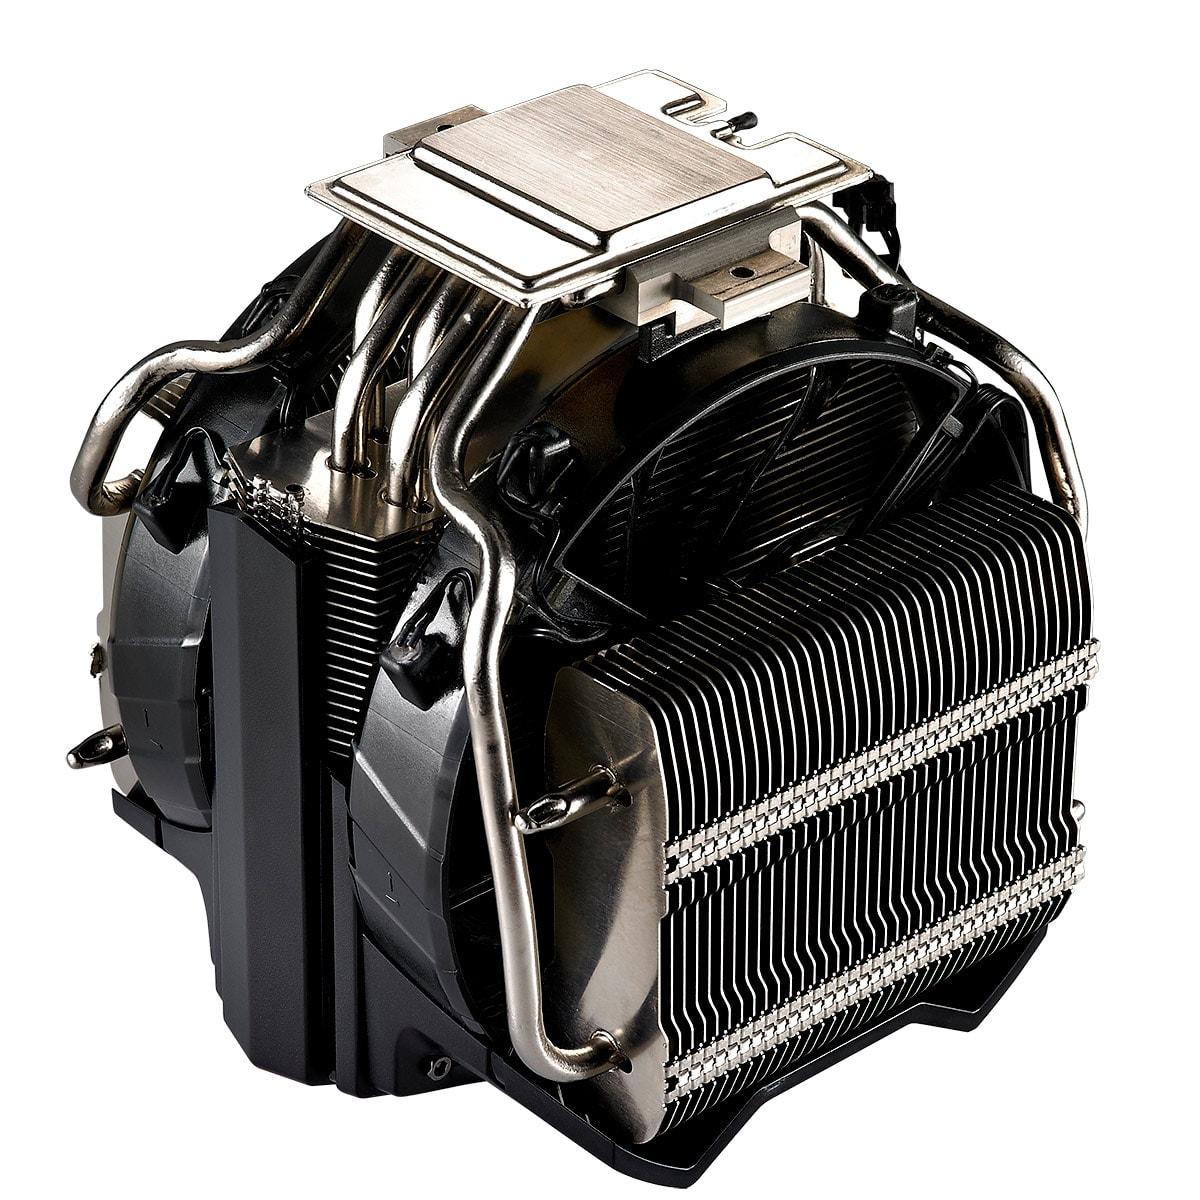 Cooler Master V8 Ver.2 (RR-V8VC-16PR-R2) - Achat / Vente Ventilateur CPU sur Cybertek.fr - 3